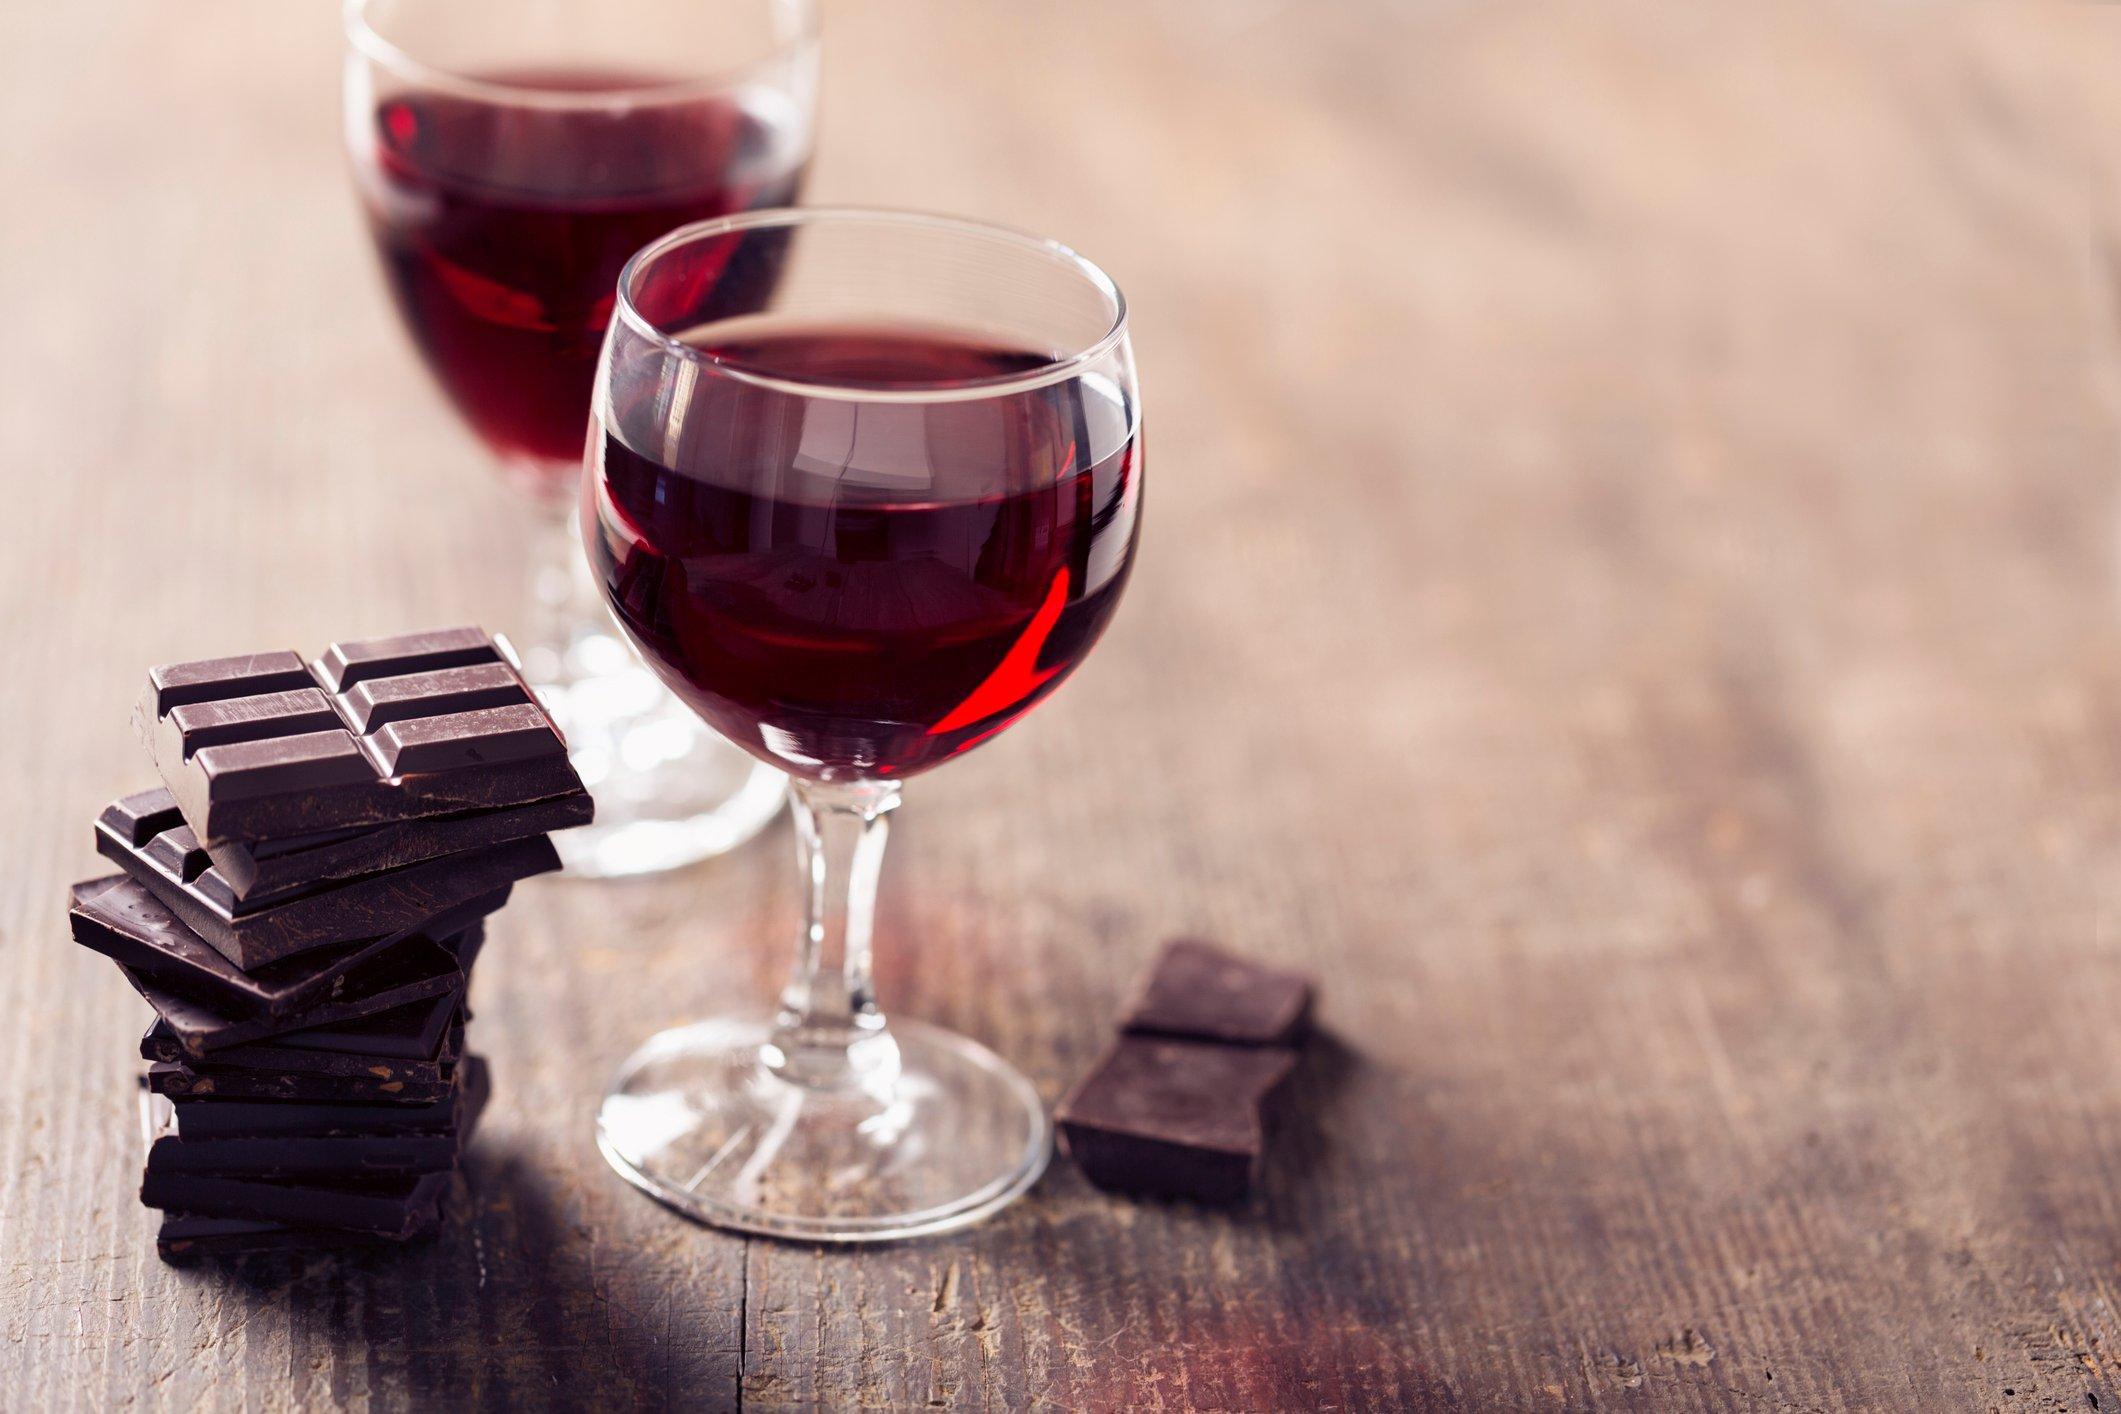 النبيذ يحمي من الشيخوخة - الريسفيراترول الموجود في النبيذ الأحمر - هرمون الإستروجين - تنشيط بروتينات السيرتوين المقاومة للشيخوخة